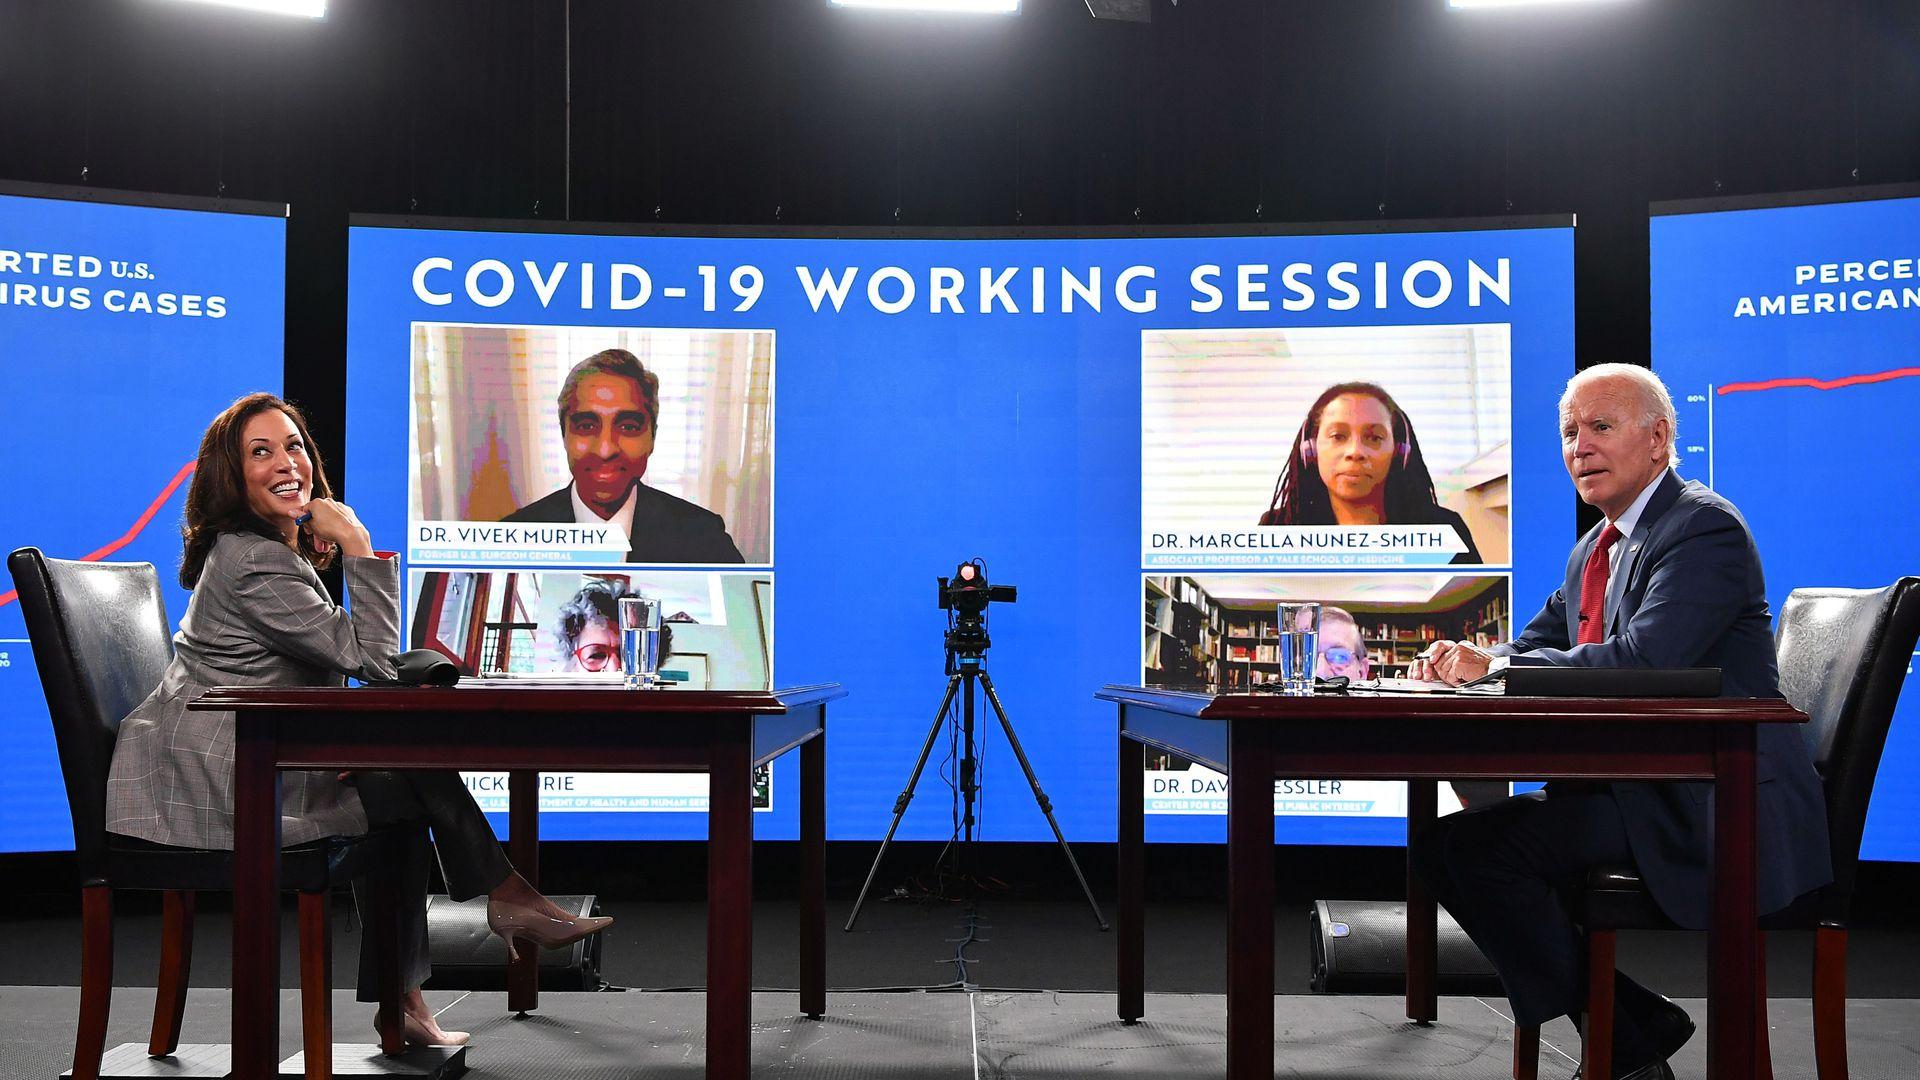 EE.UU: Biden y Harris comienzan a trabajar creando junta científica para combatir el COVID-19